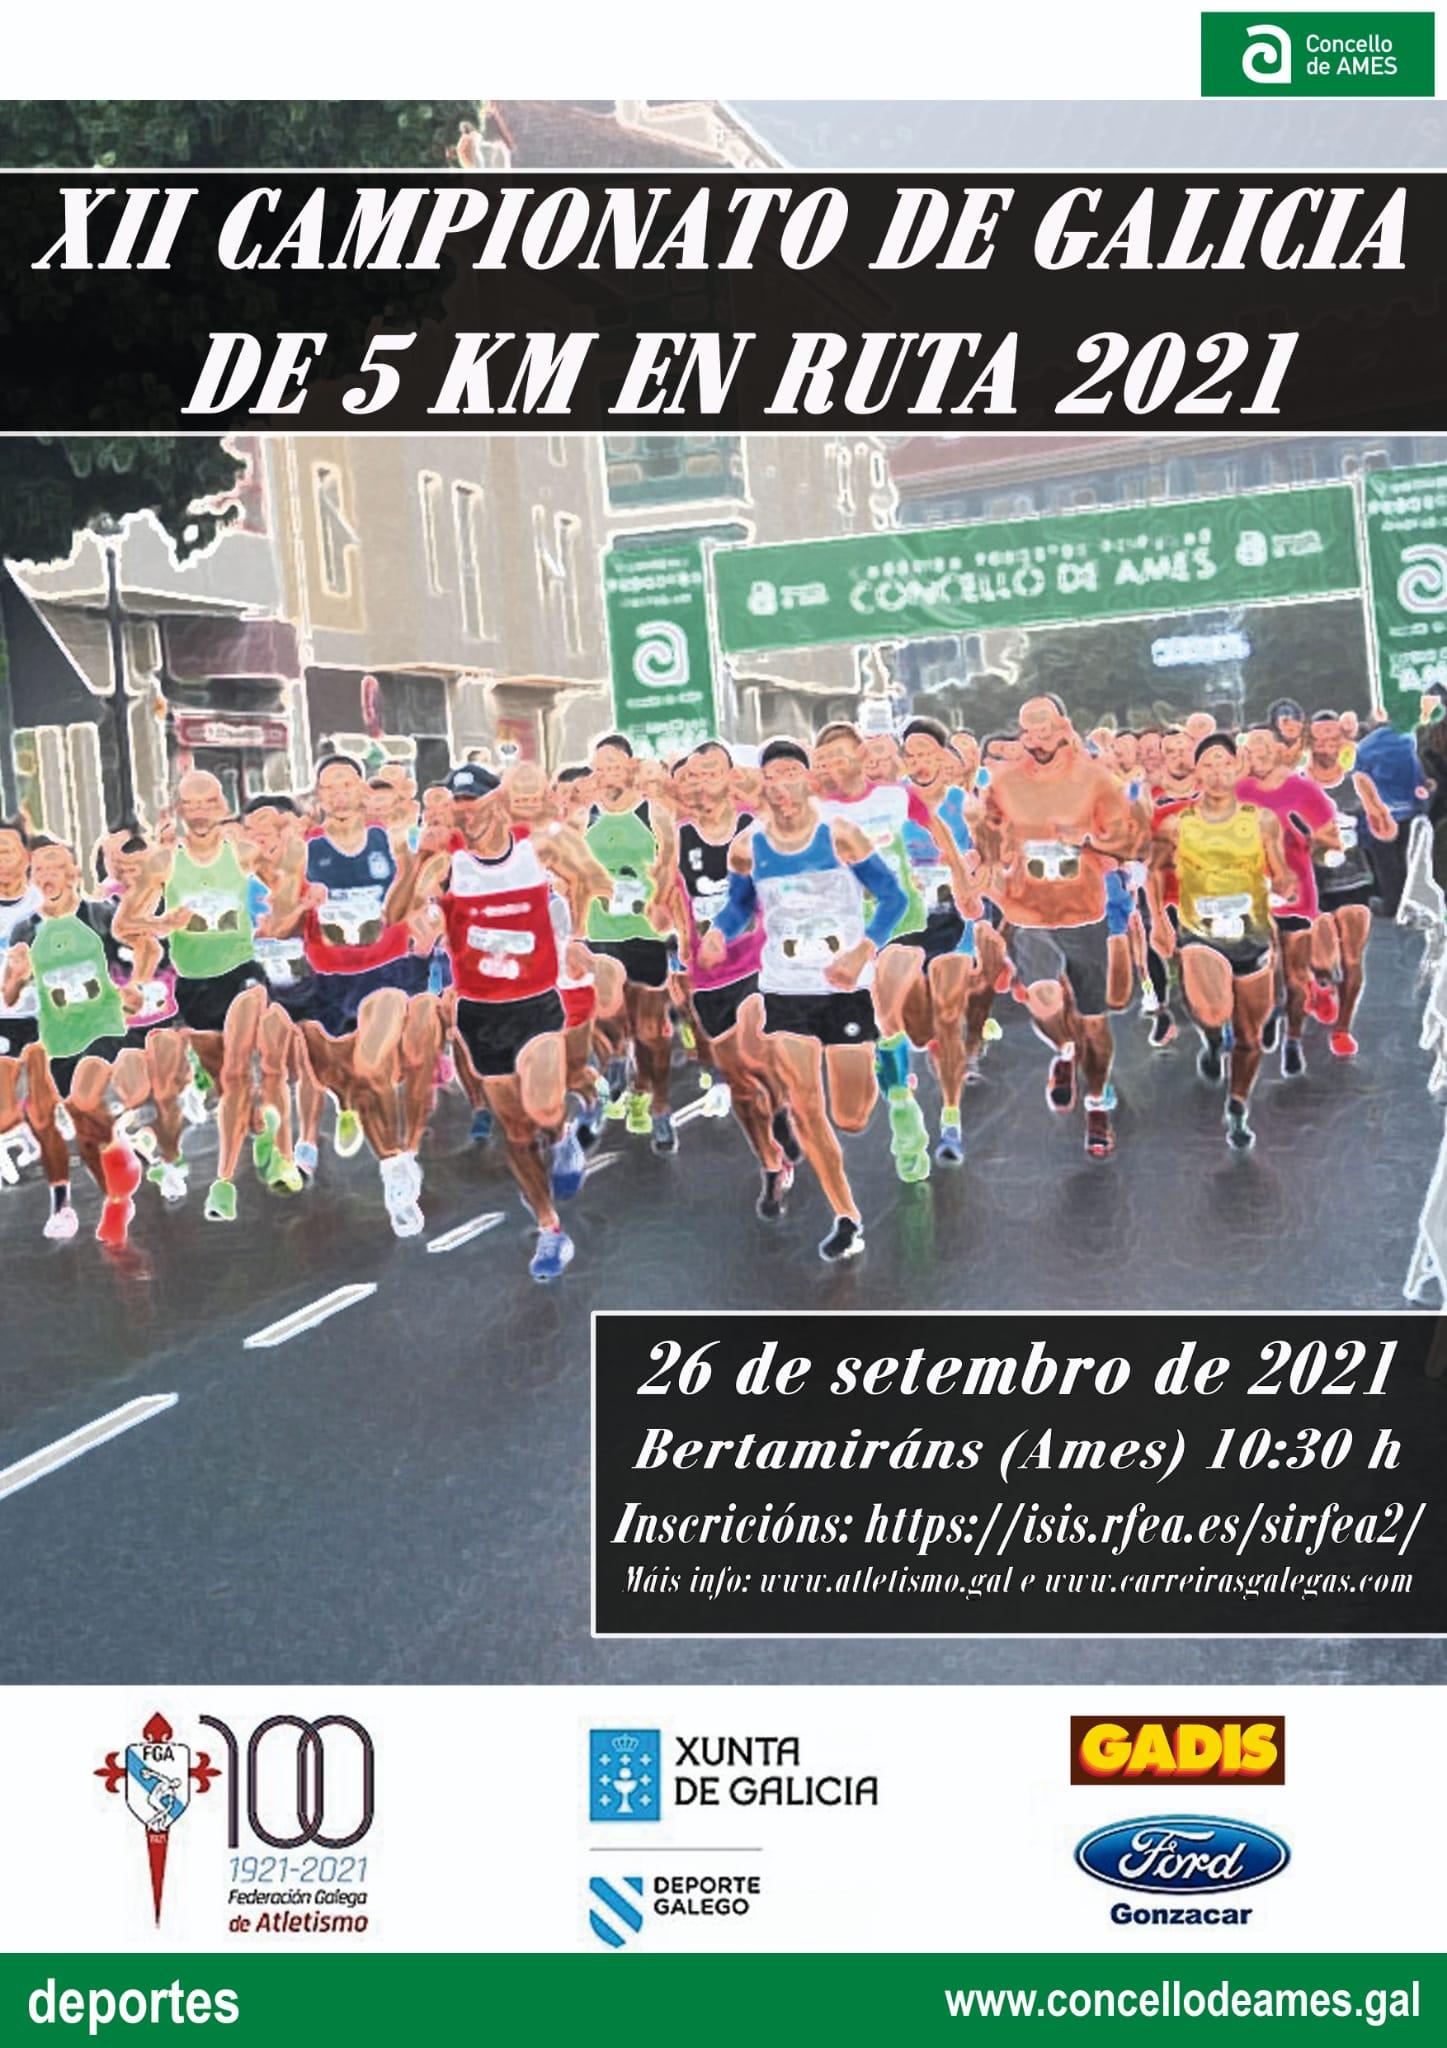 Campionato Xunta de Galicia Absoluto de 5Km Ruta e das Categorías Sub 18, Sub 20, Sub 23 e Máster